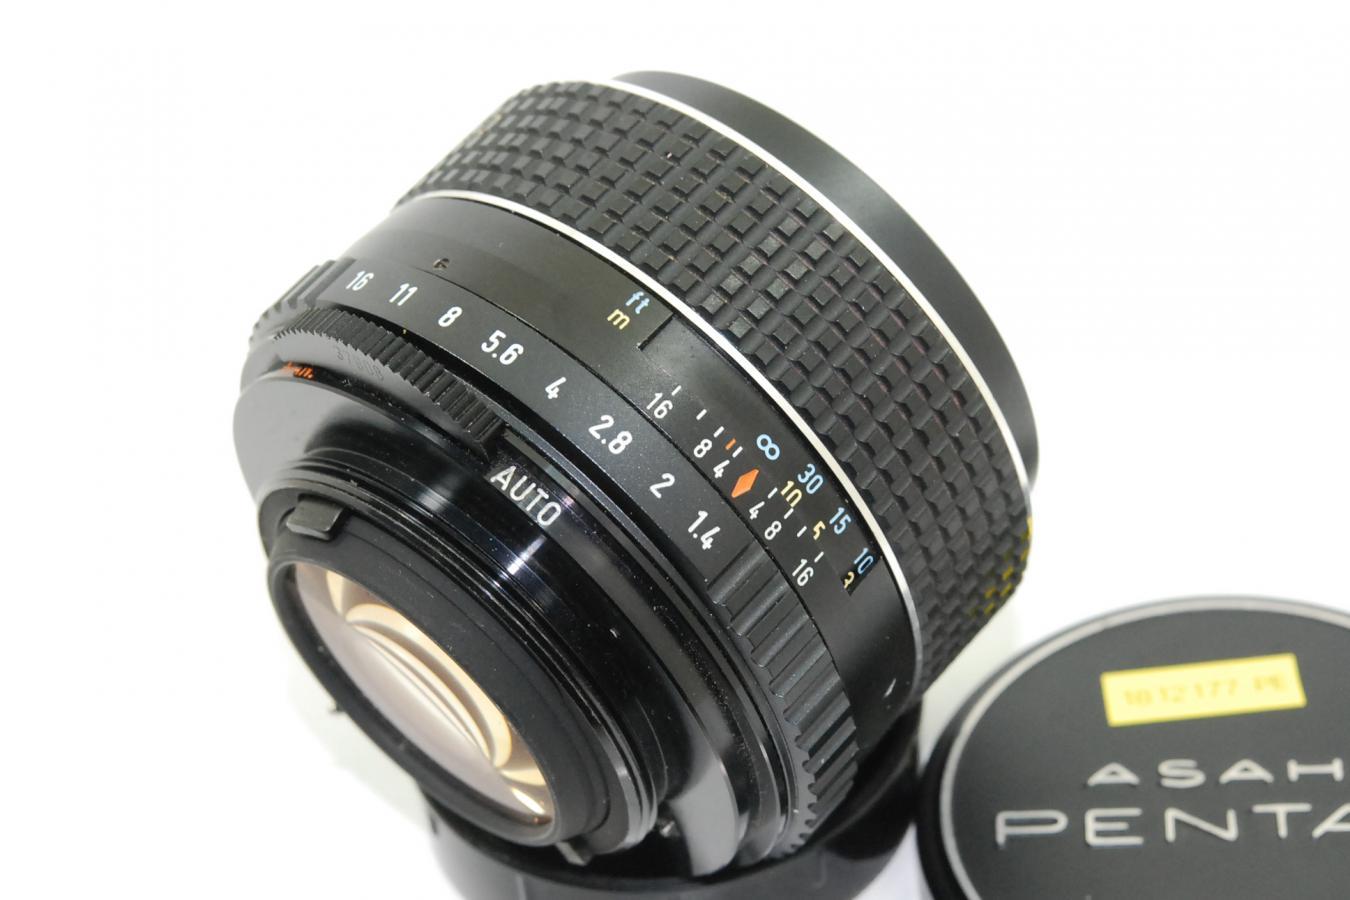 ペンタックス SMC TAKUMAR 50mm F1.4 【カメラ女子に絶大な人気のオールドレンズ M42マウントレンズ】